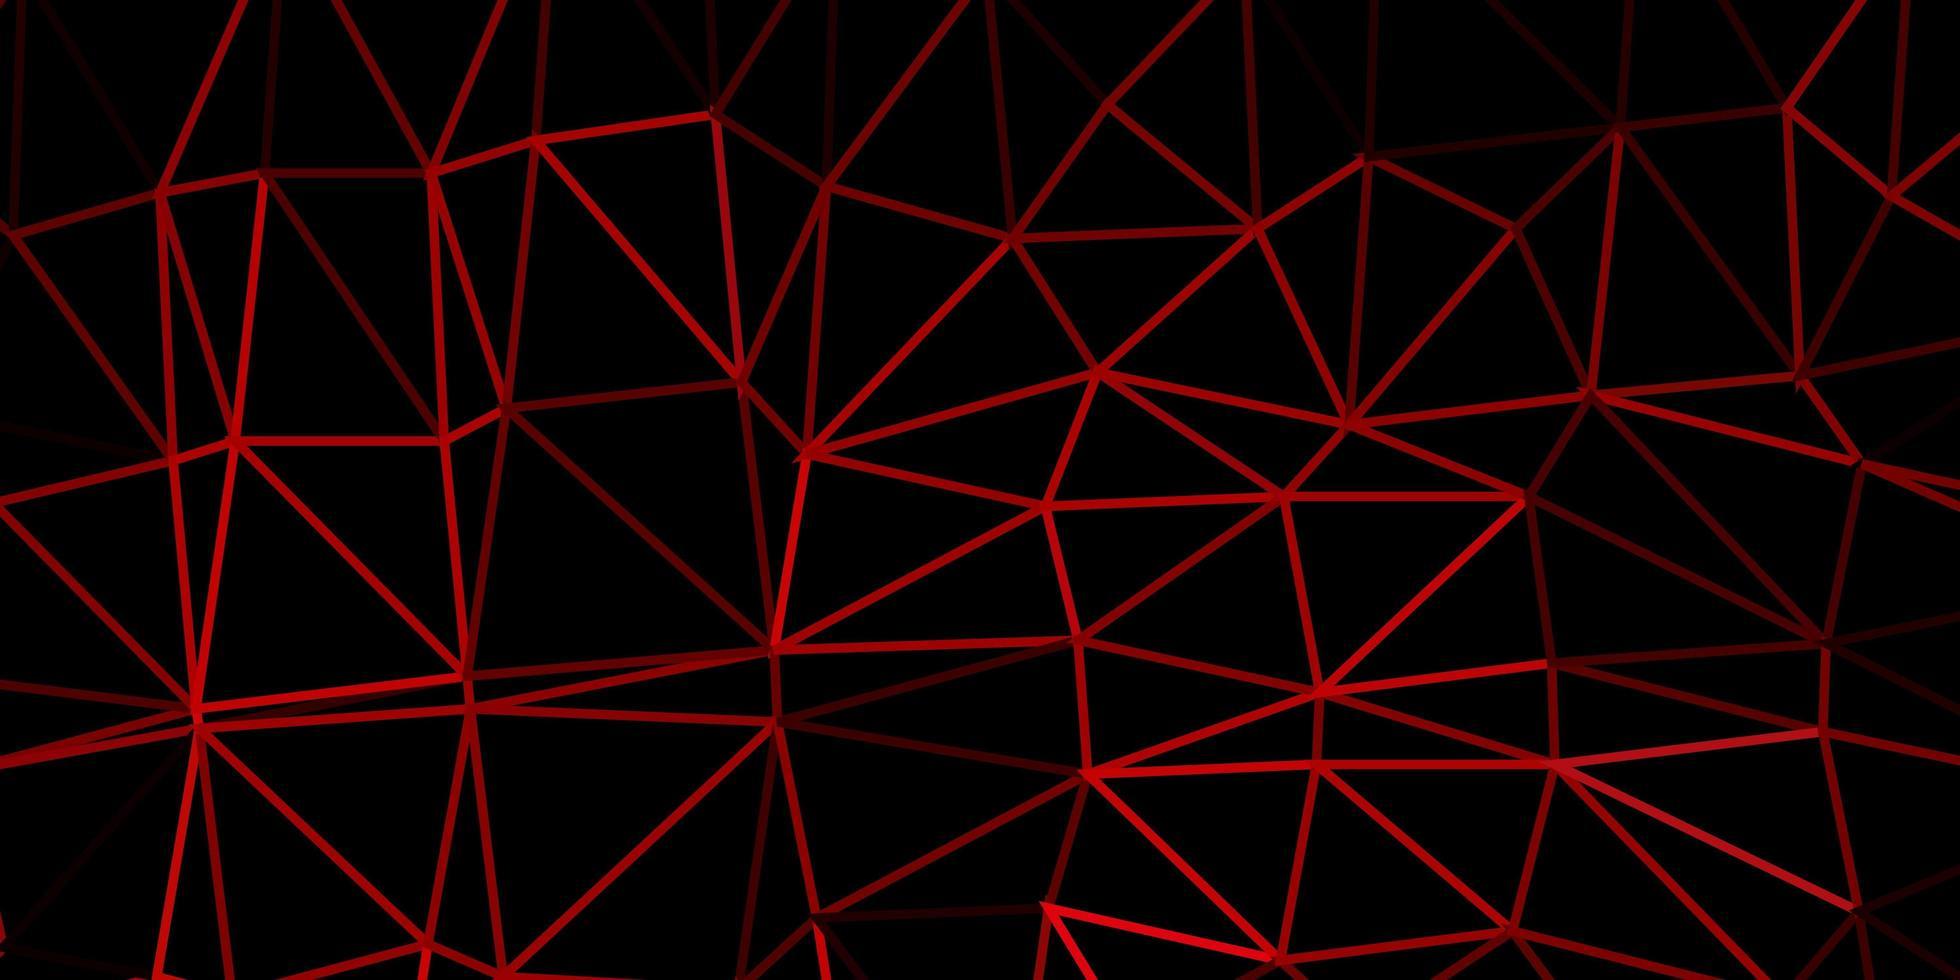 modello di triangolo poli vettoriale rosa scuro, rosso.